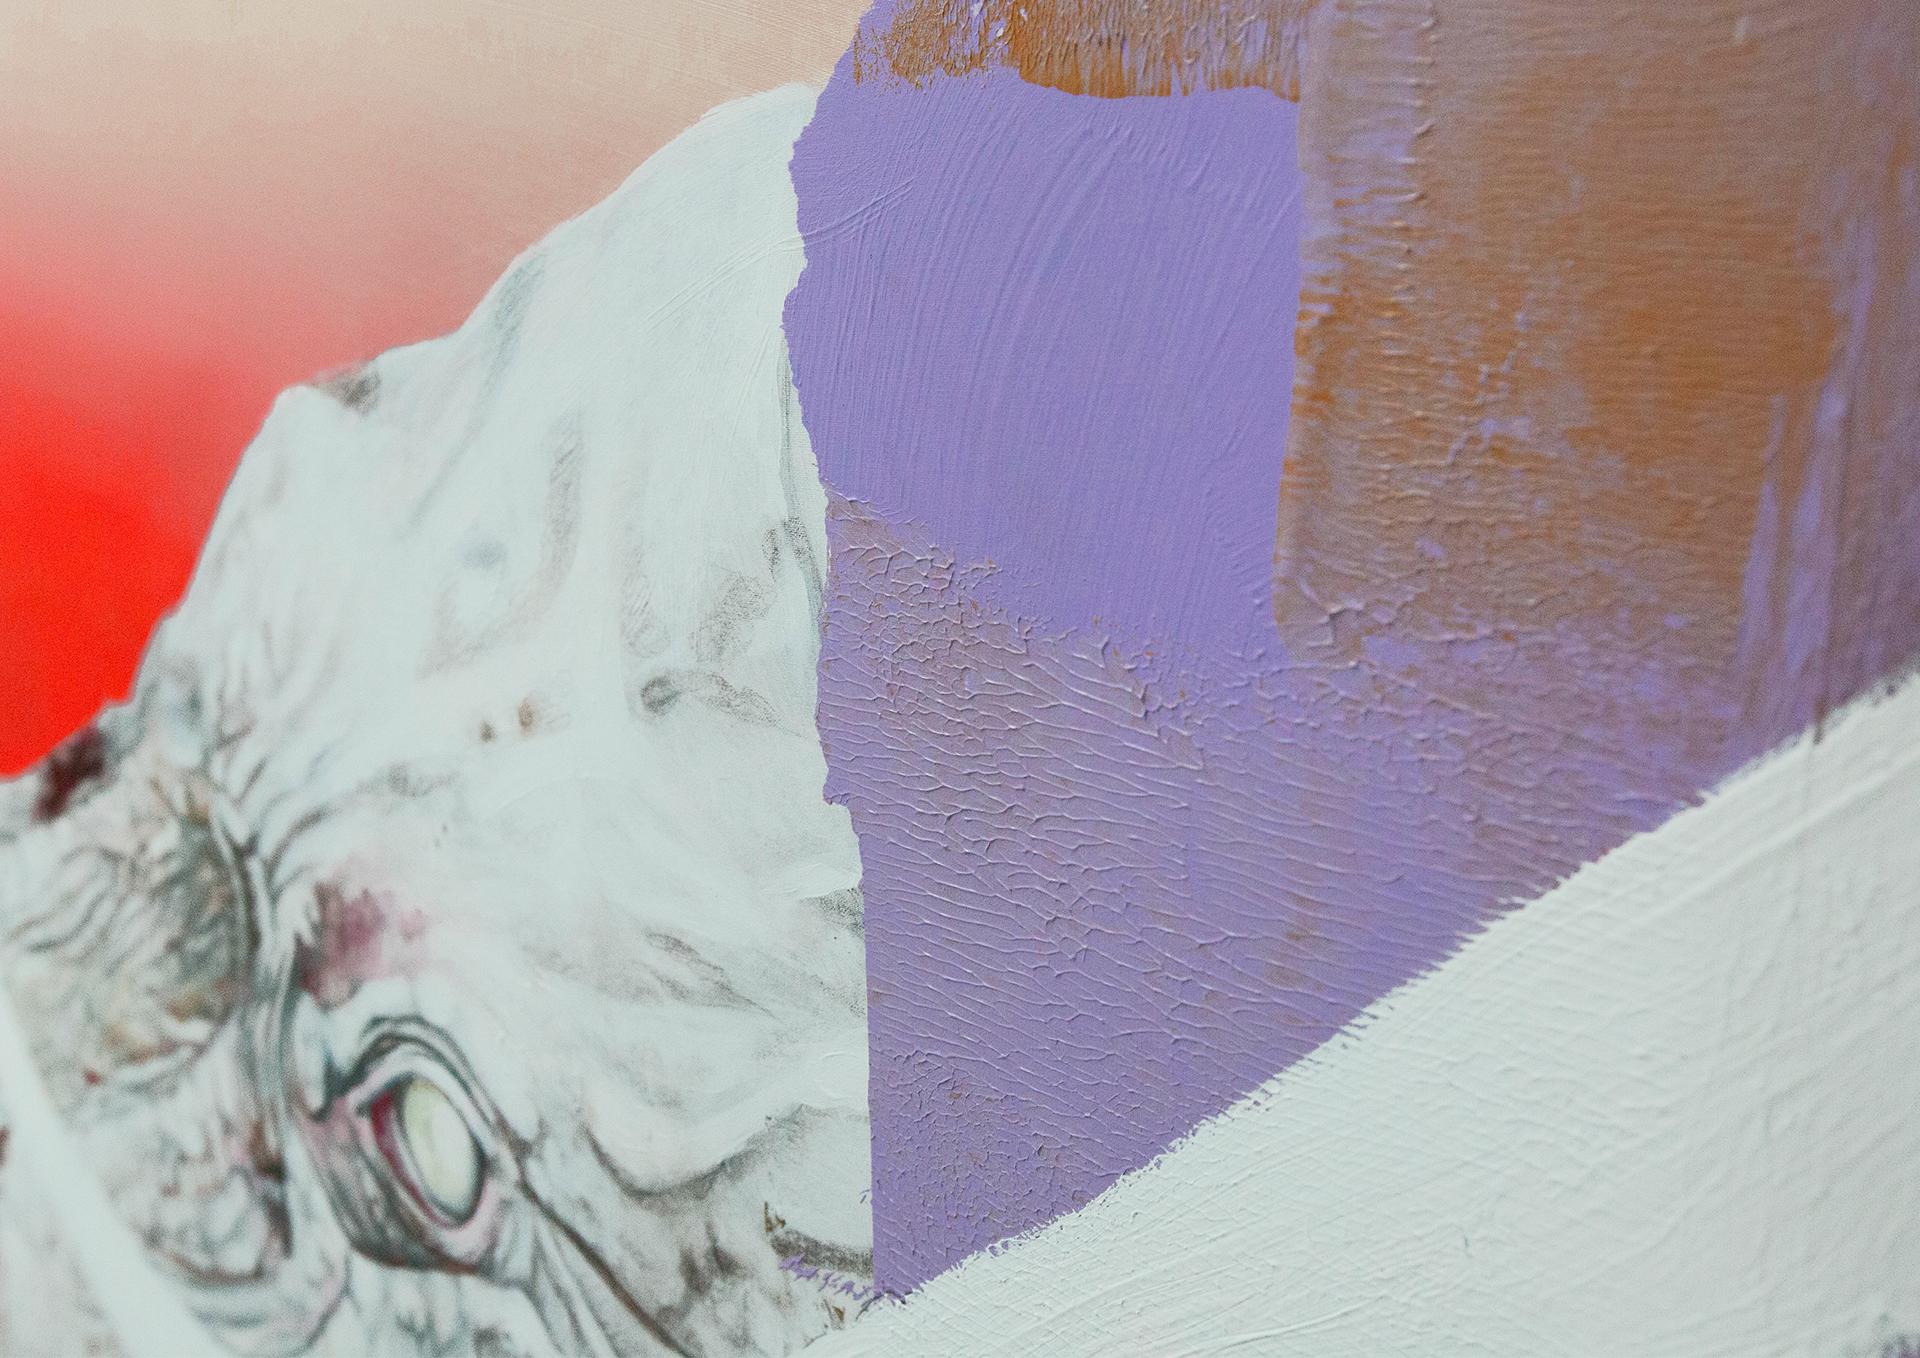 17 Andrea Martinucci - Glory Black Hole, exhibition view, Dimora Artica (ph Andrea Cenetiempo).jpg